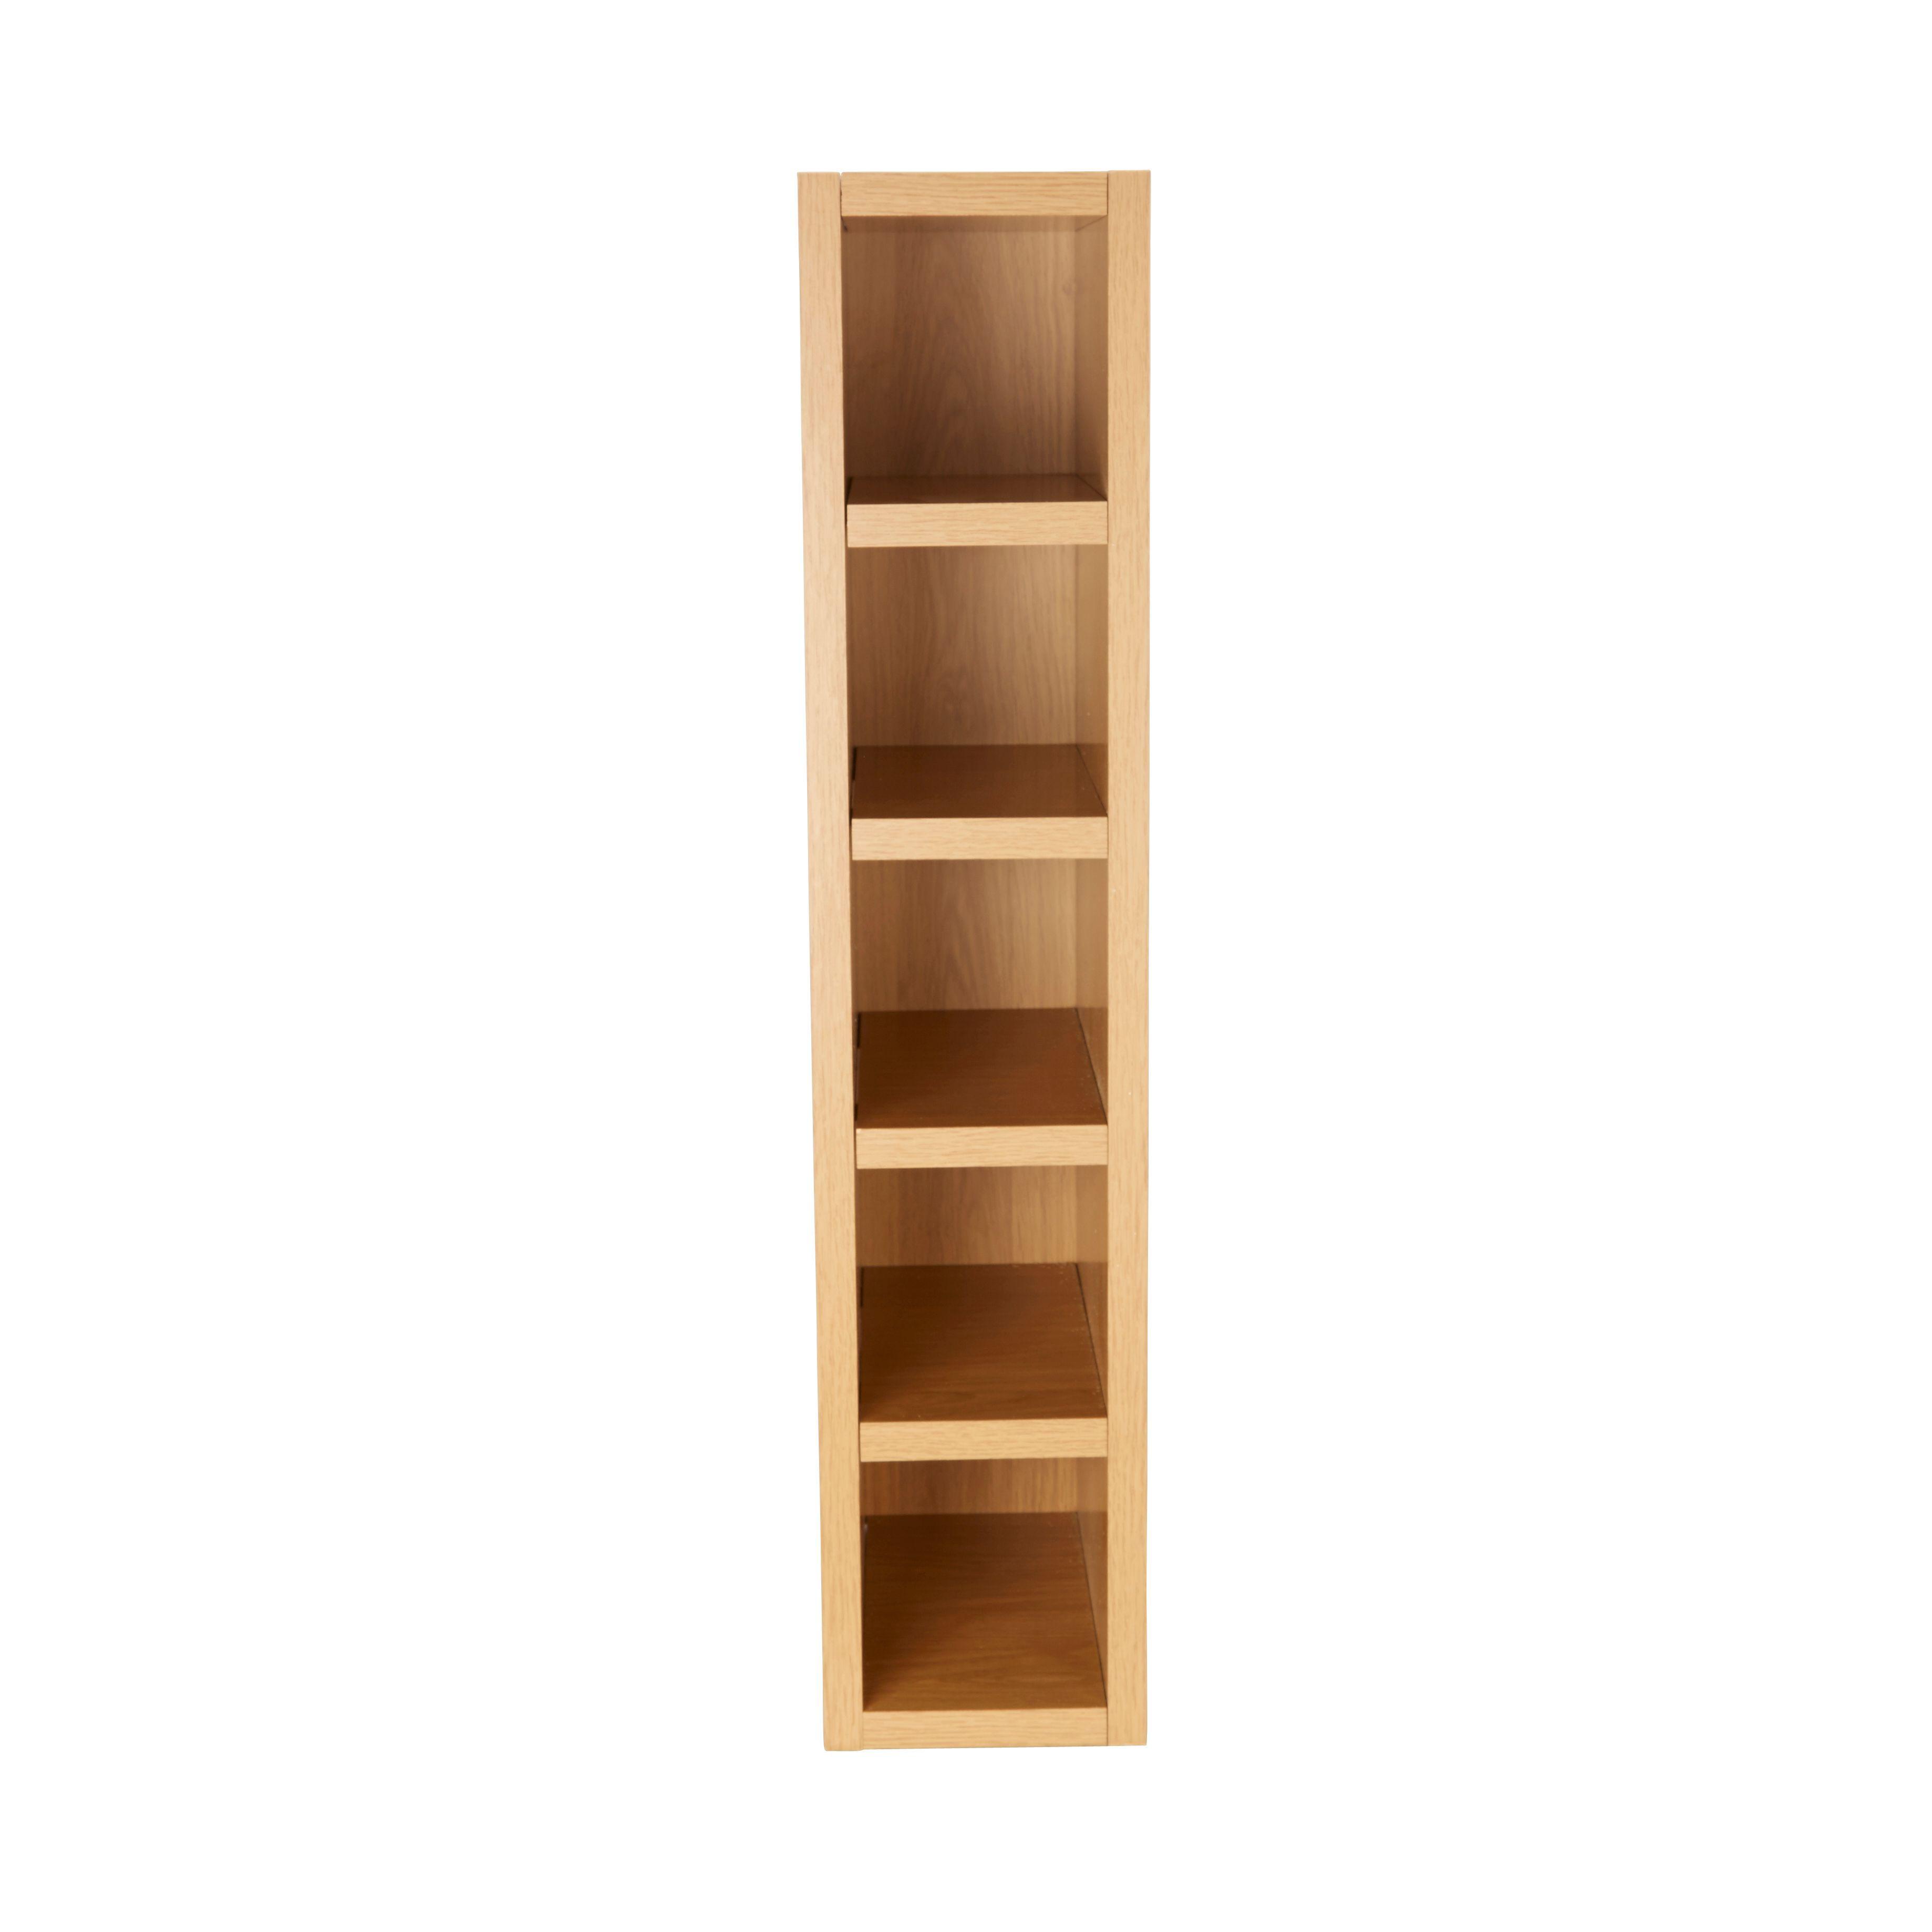 Cooke & Lewis Oak Effect Wine Rack Cabinet (W)150Mm